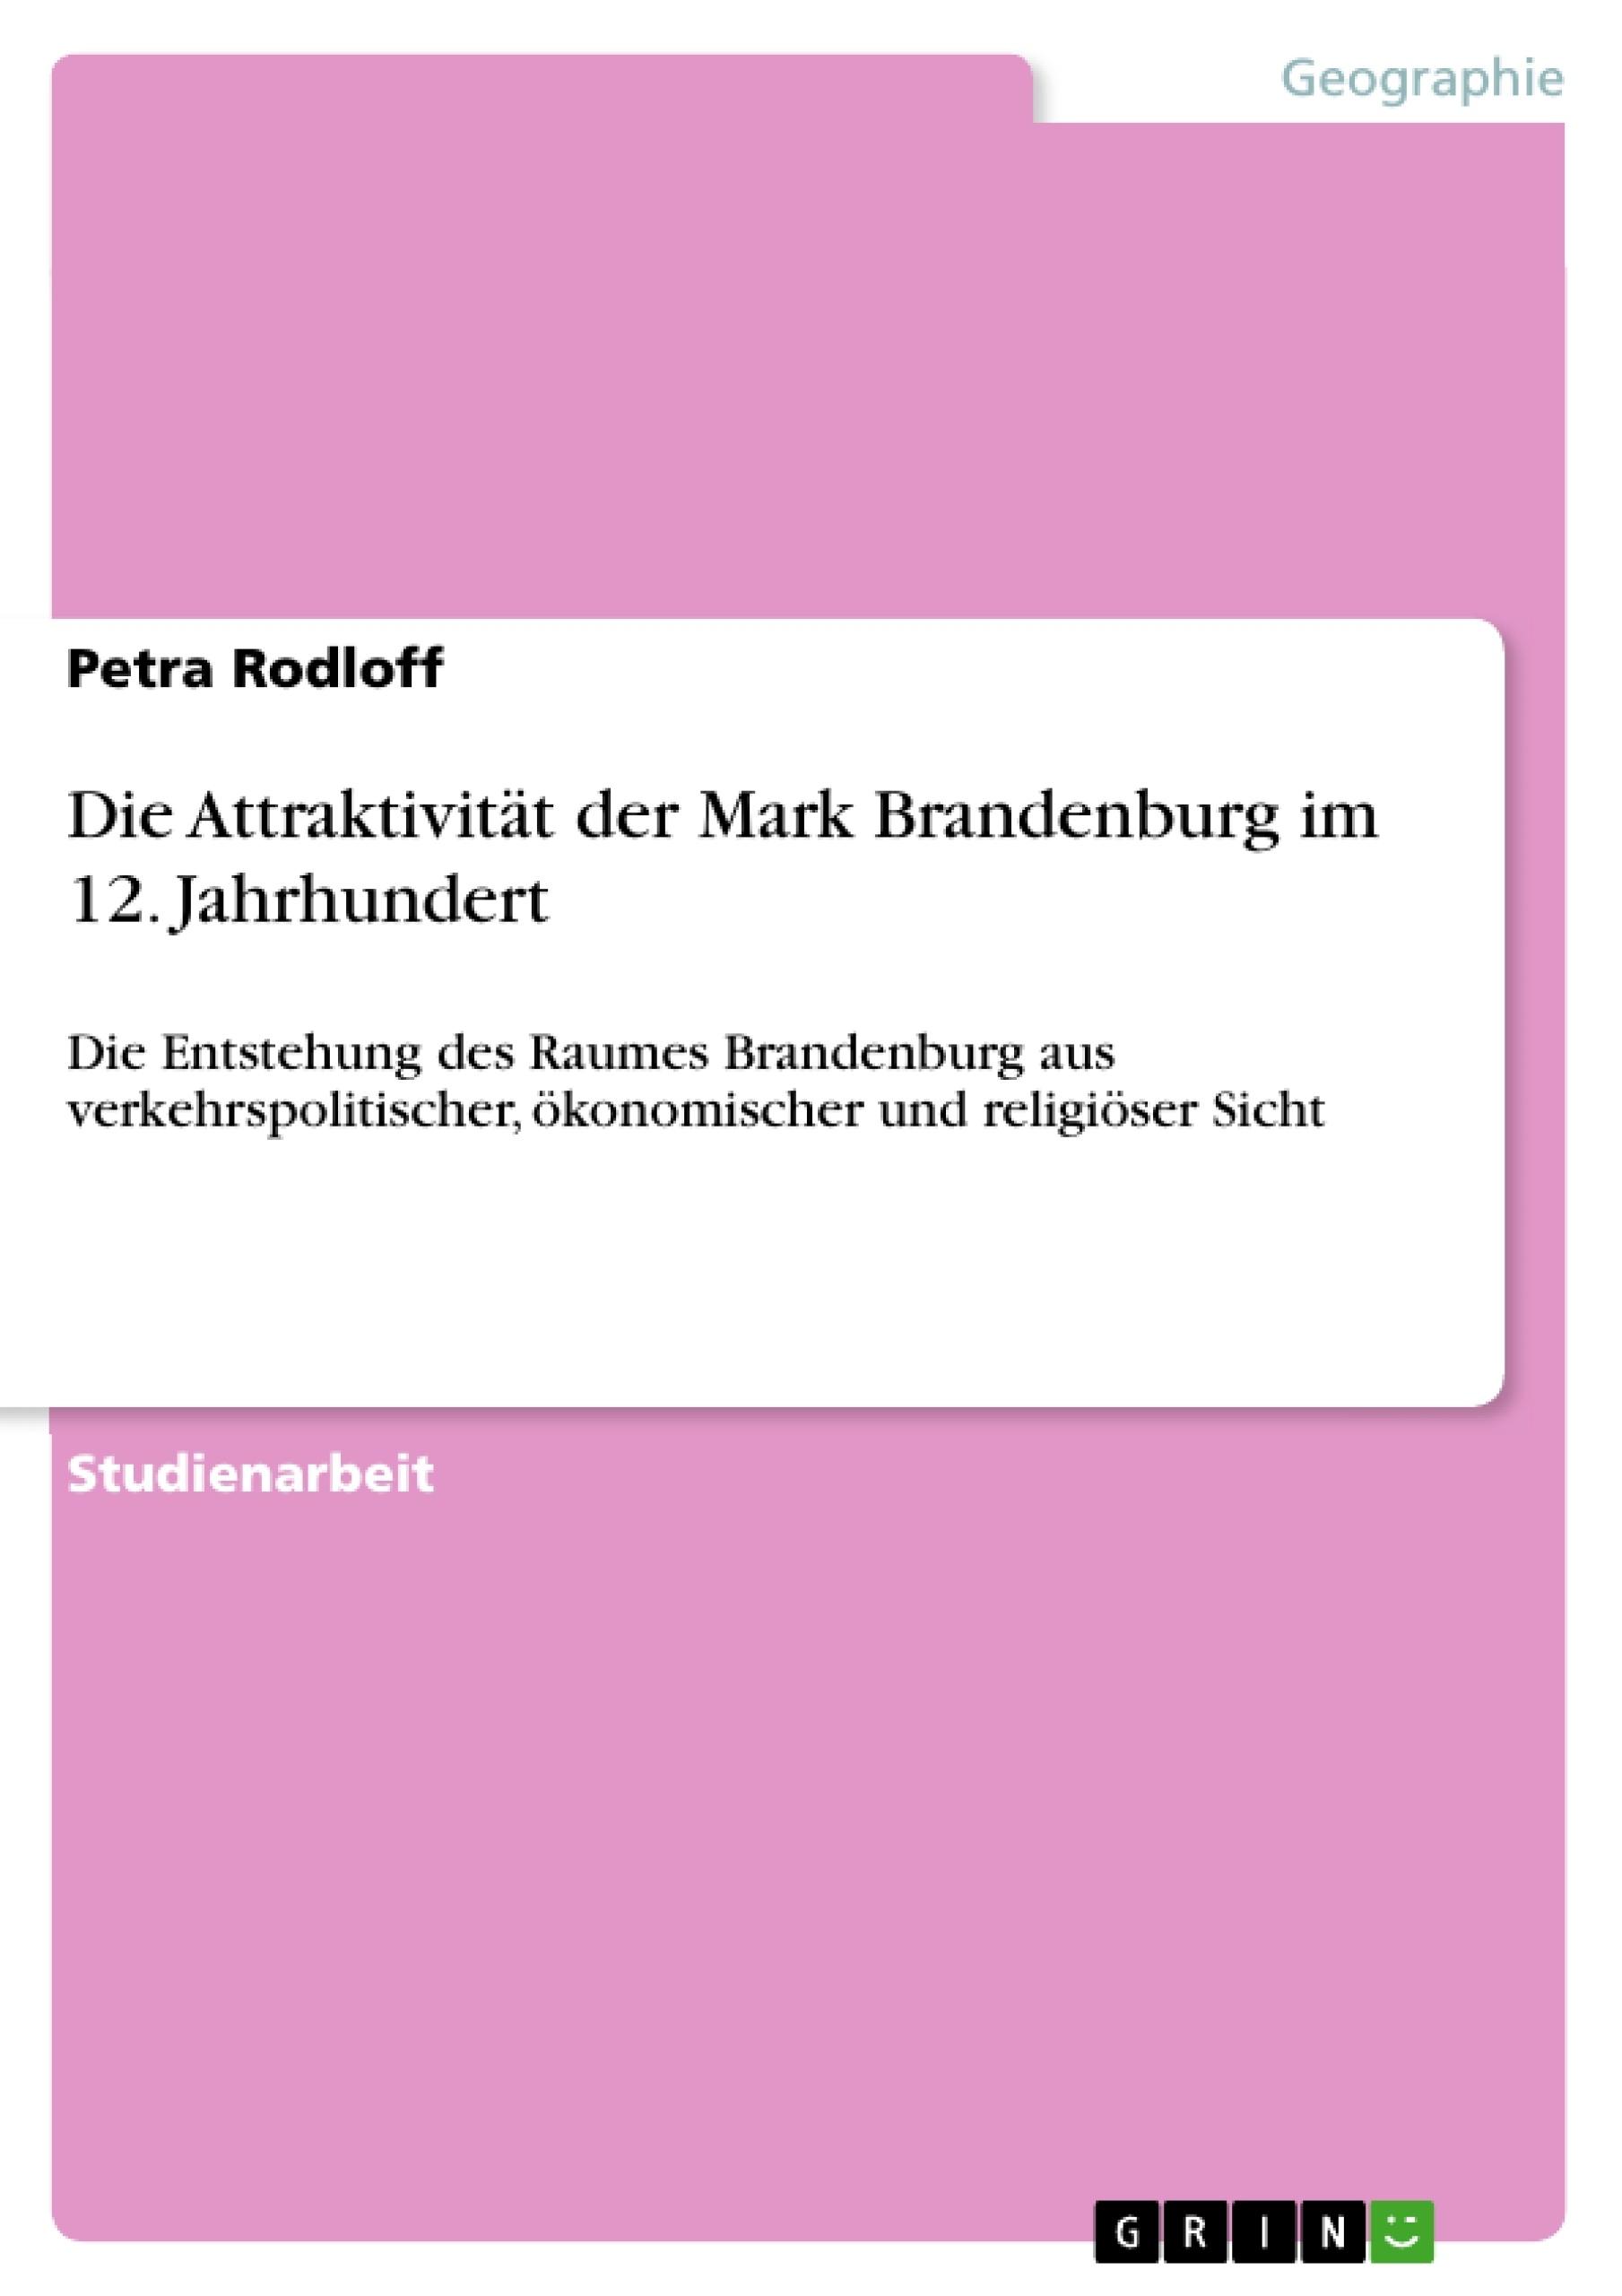 Titel: Die Attraktivität der Mark Brandenburg im 12. Jahrhundert